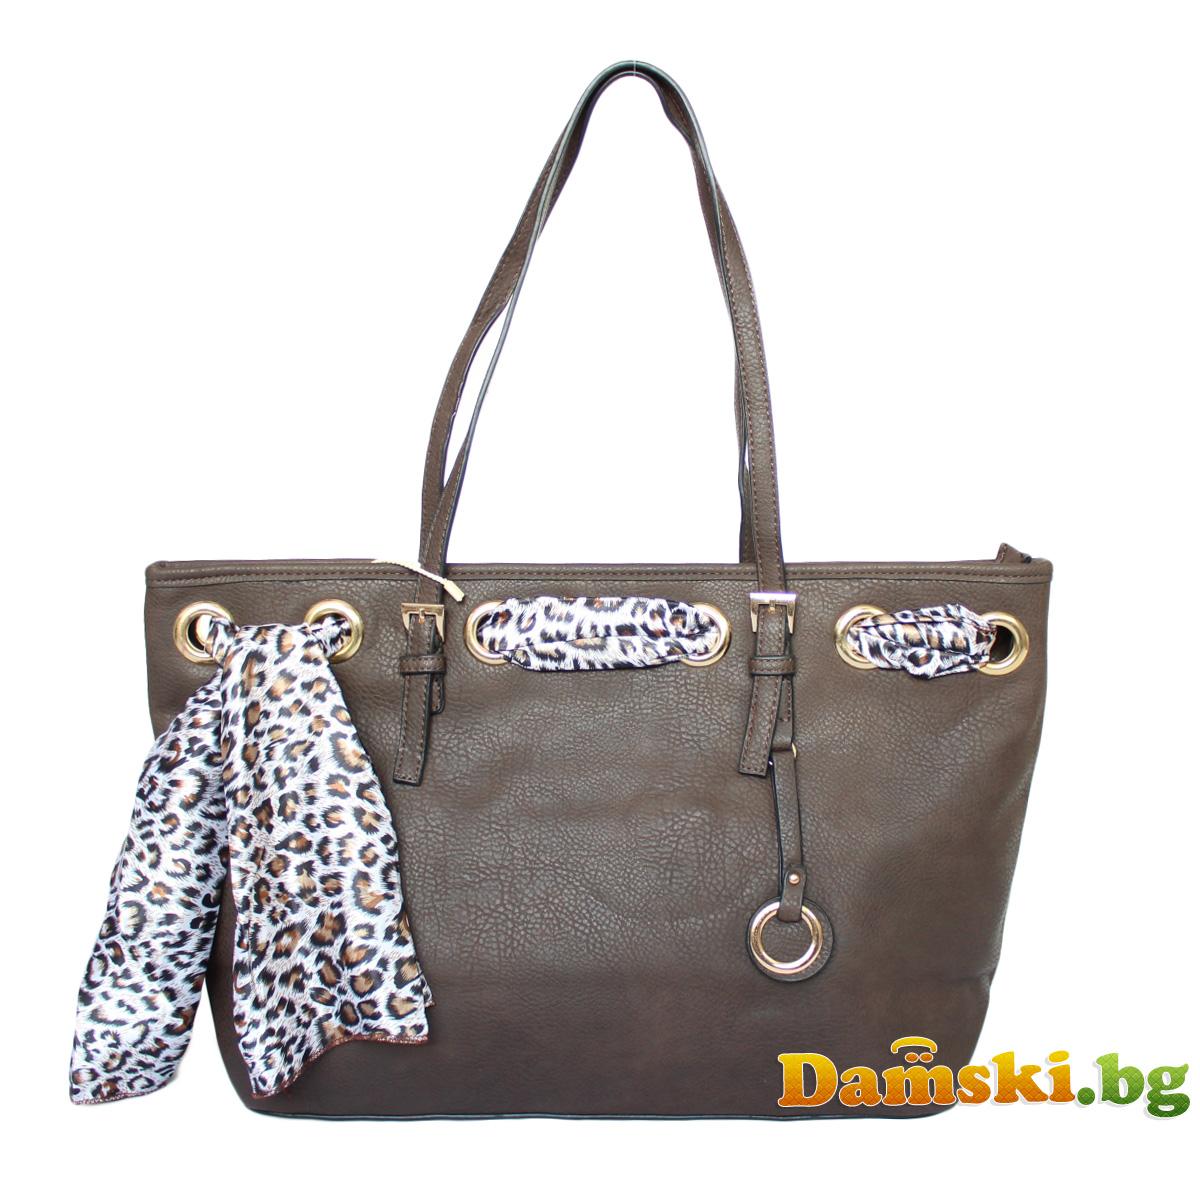 Стилна дамска чанта с шалче - тъмно кафява